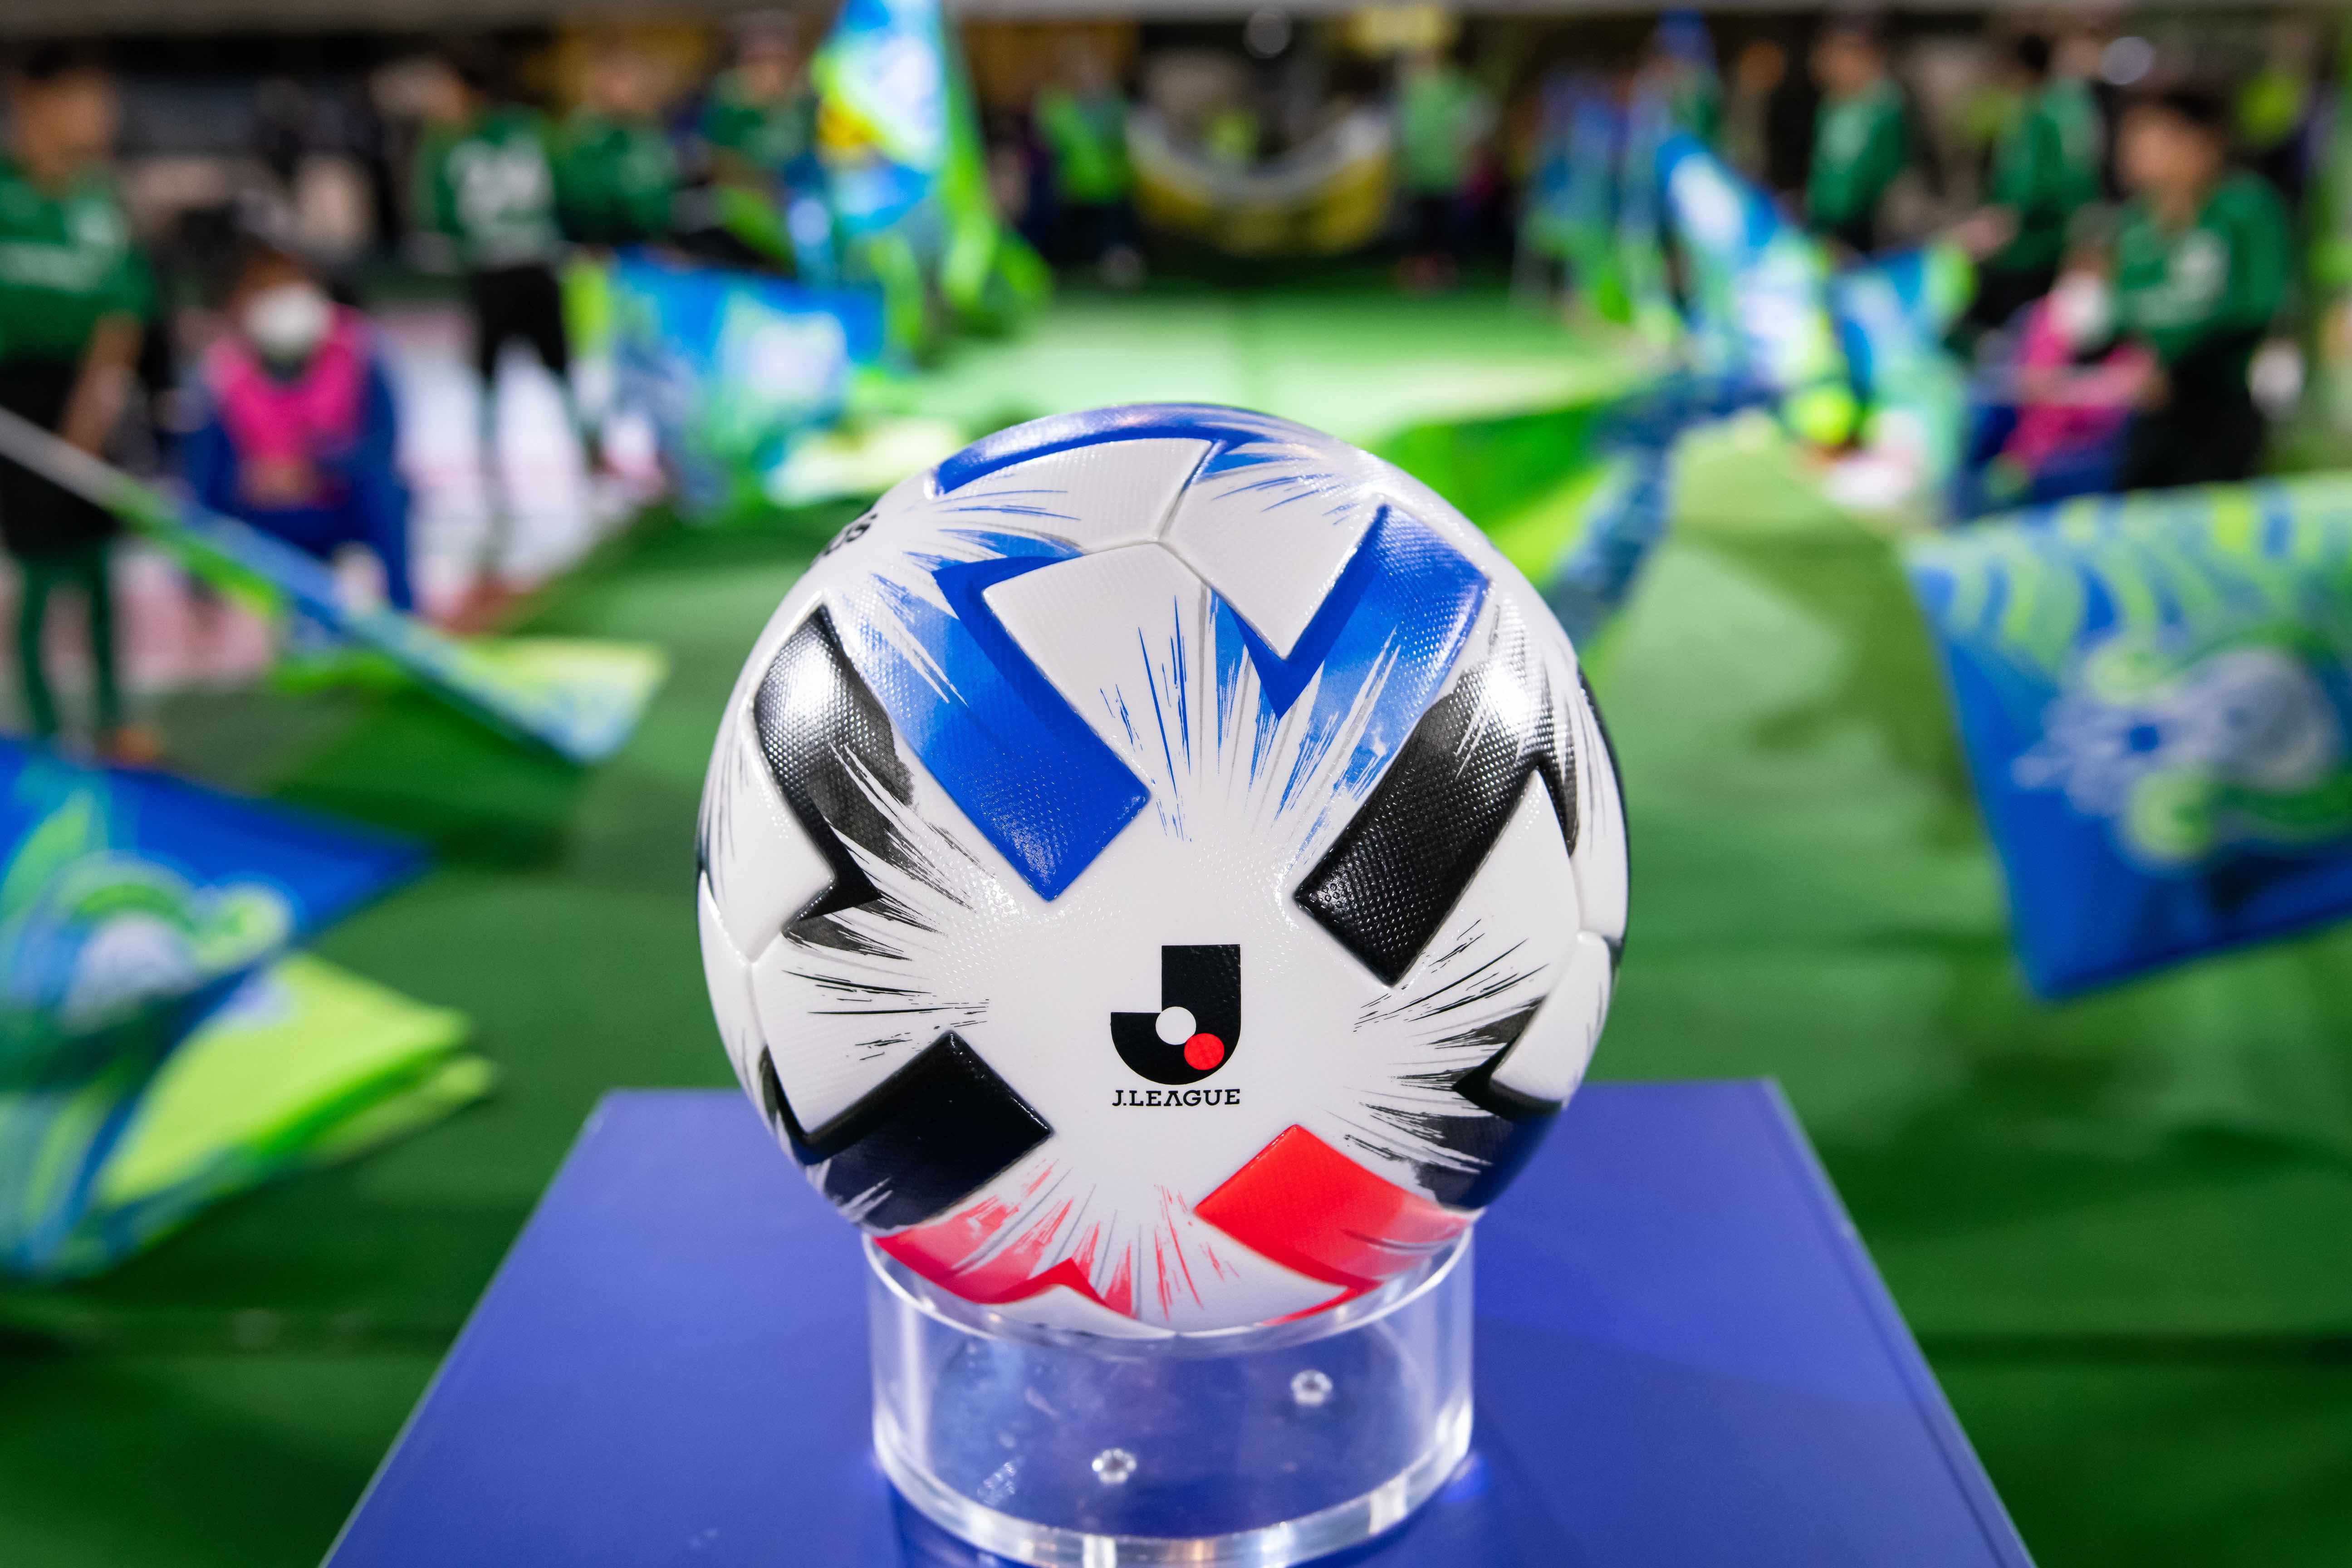 【公式】実使用・選手直筆サイン入「2020明治安田生命J1リーグ公式試合球」②